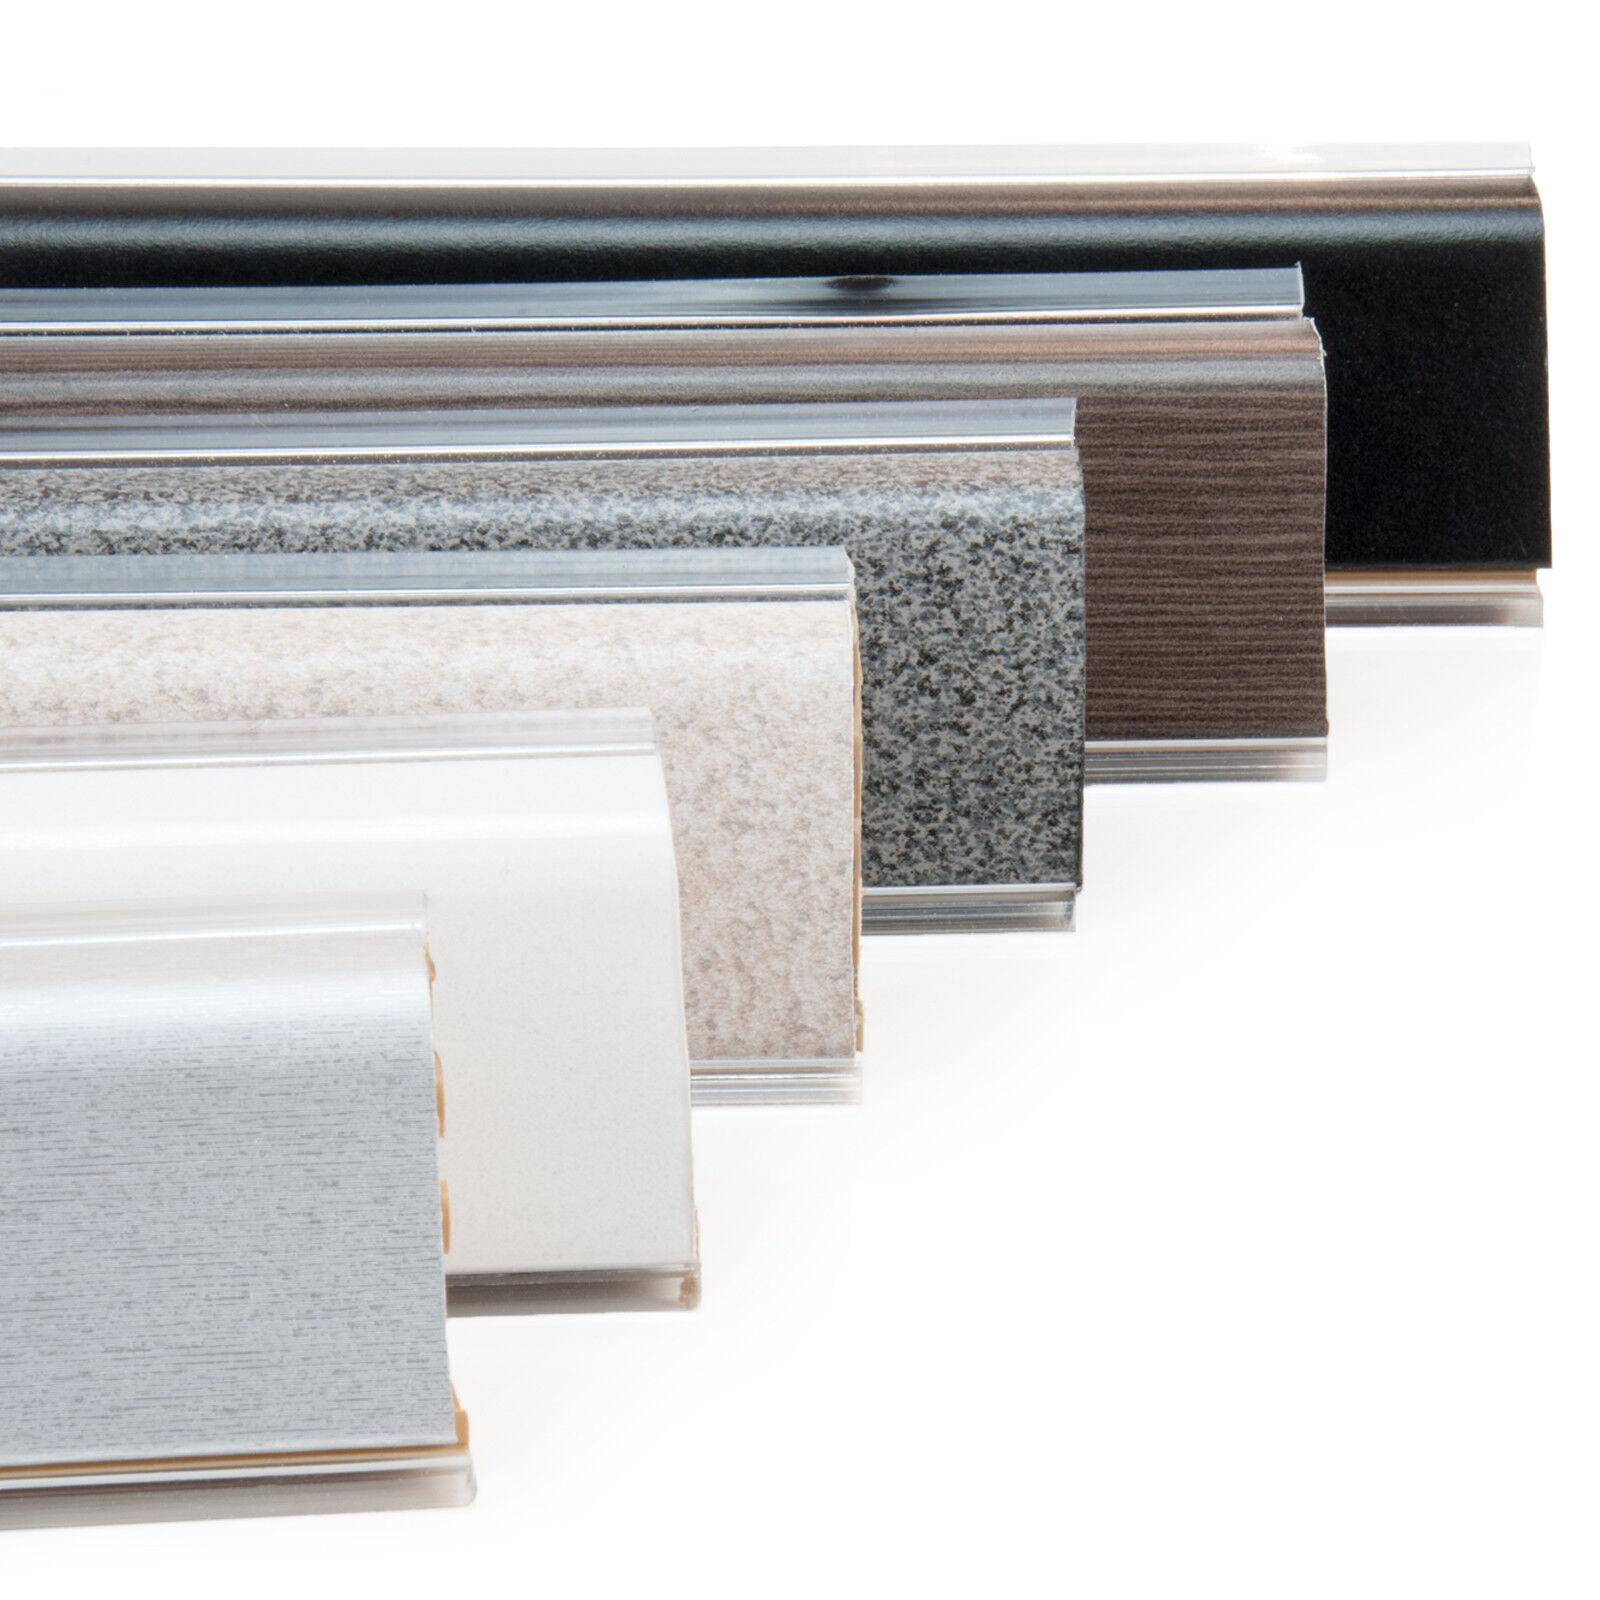 1,5 2,5m Winkelleisten 37mm Arbeitsplatte Küche Abschlussleisten  Tischplatte TOP